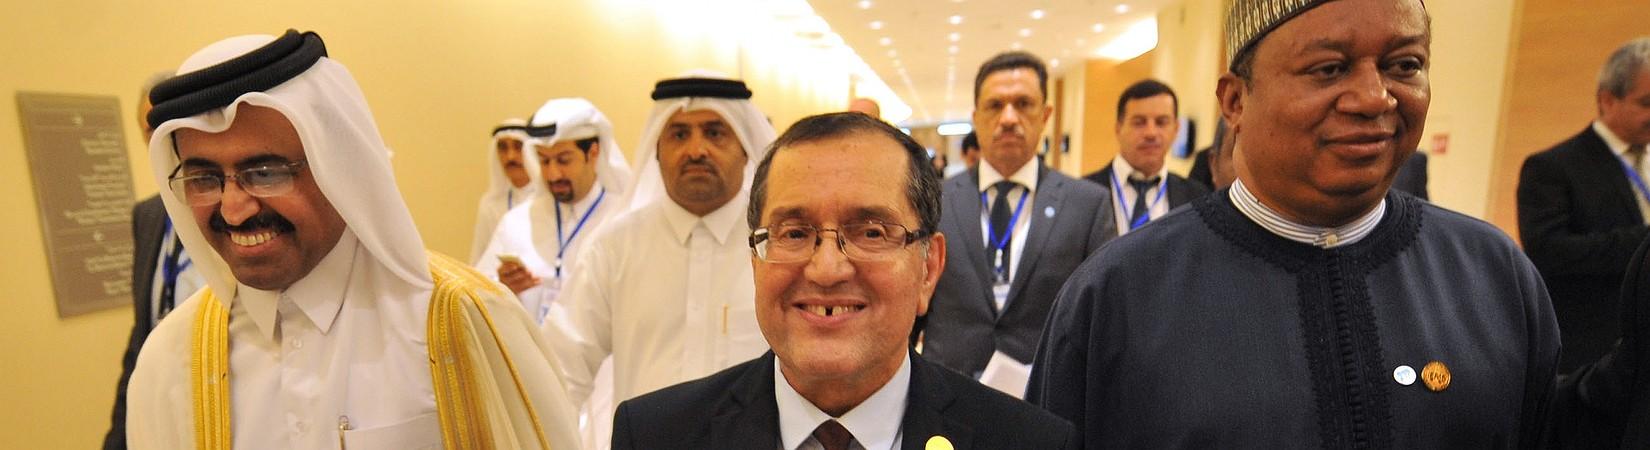 ¿A qué mercado exactamente está alabando la OPEP?